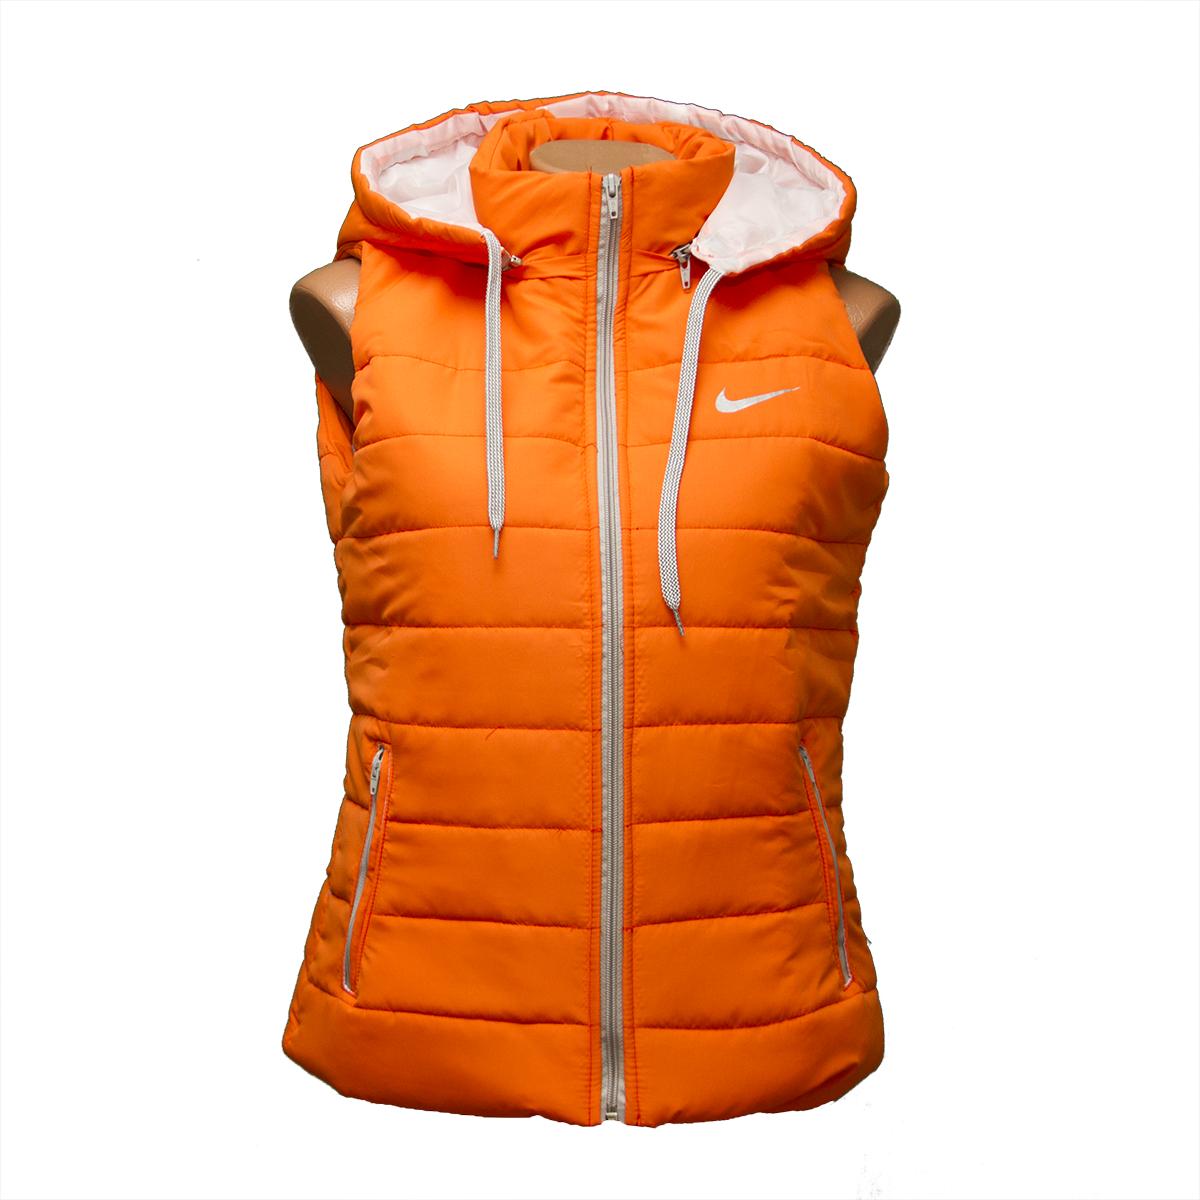 Женская жилетка оранж в розницу по низким ценам D1123